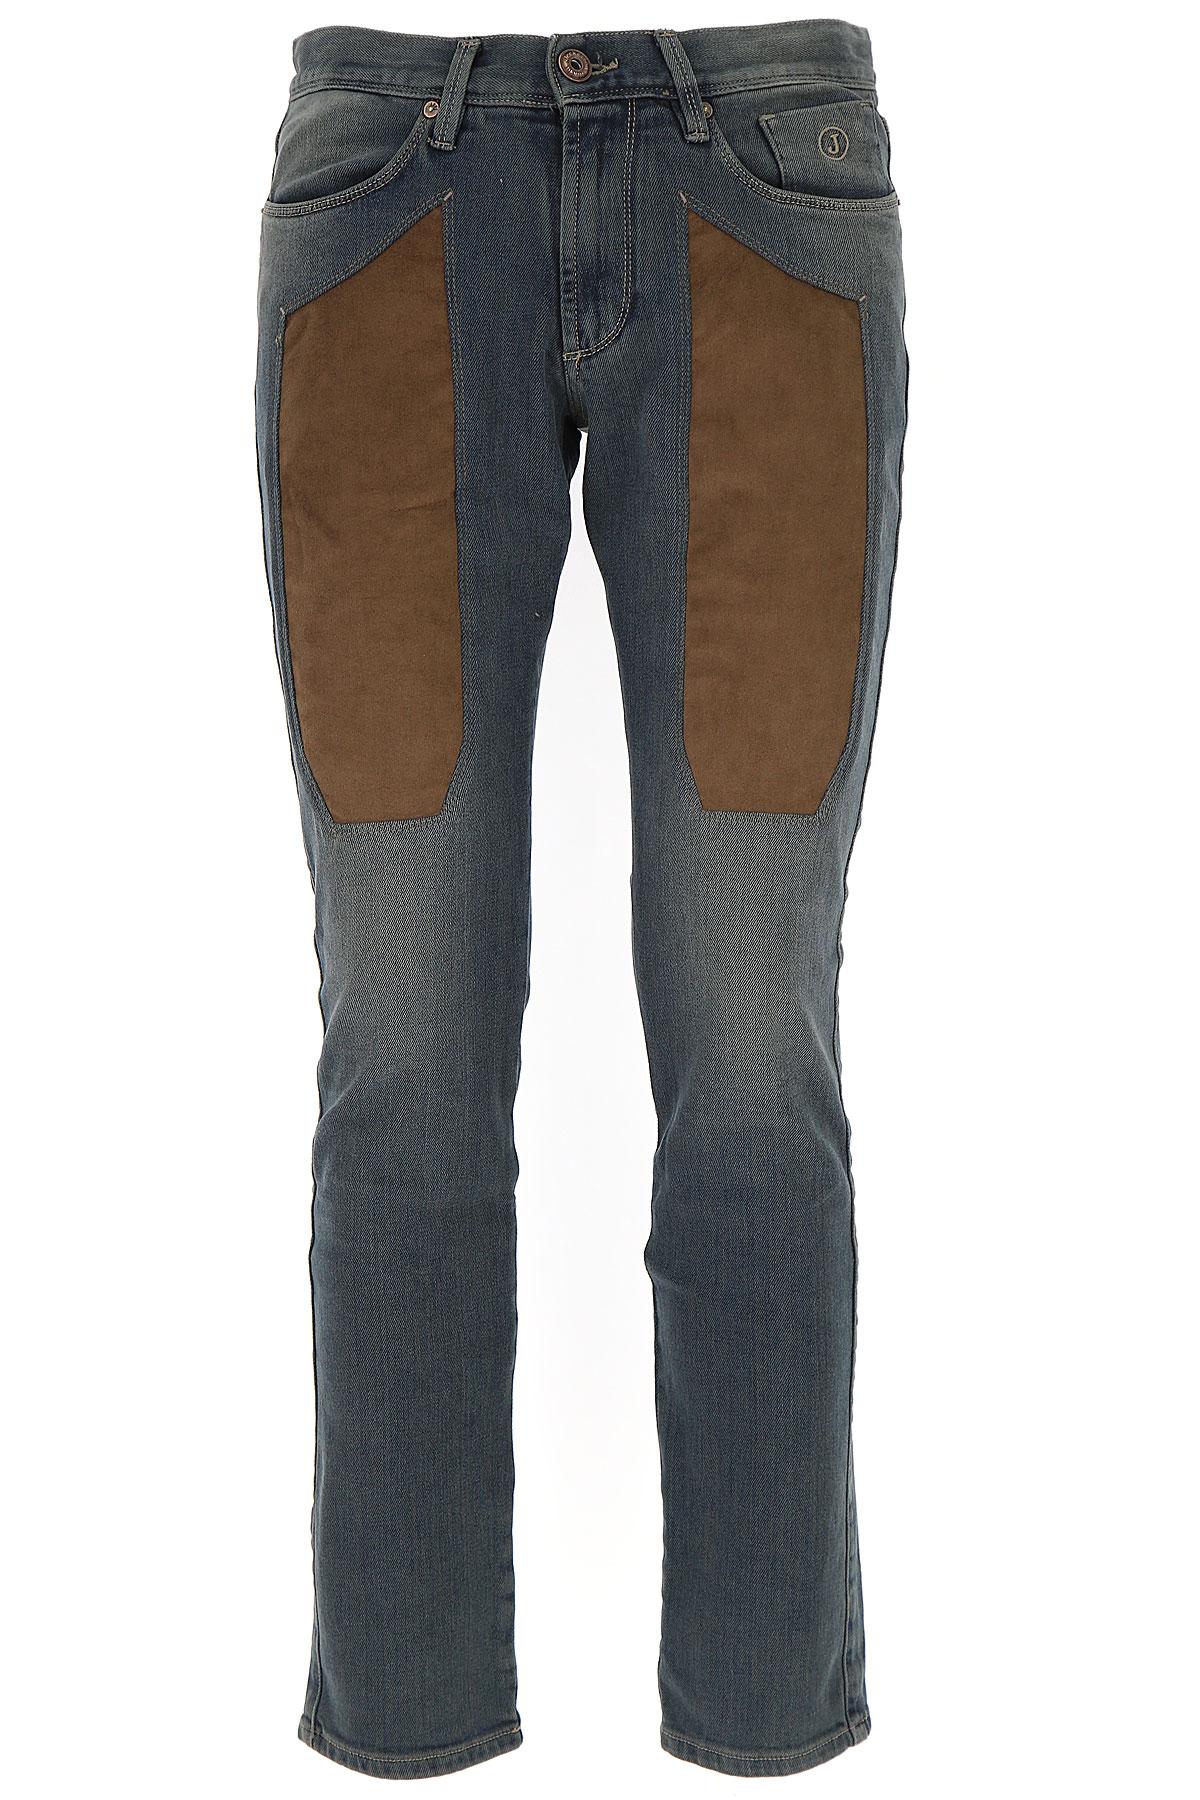 Image of Jeckerson Jeans, Dark Blue Denim, Cotton, 2017, 30 31 32 33